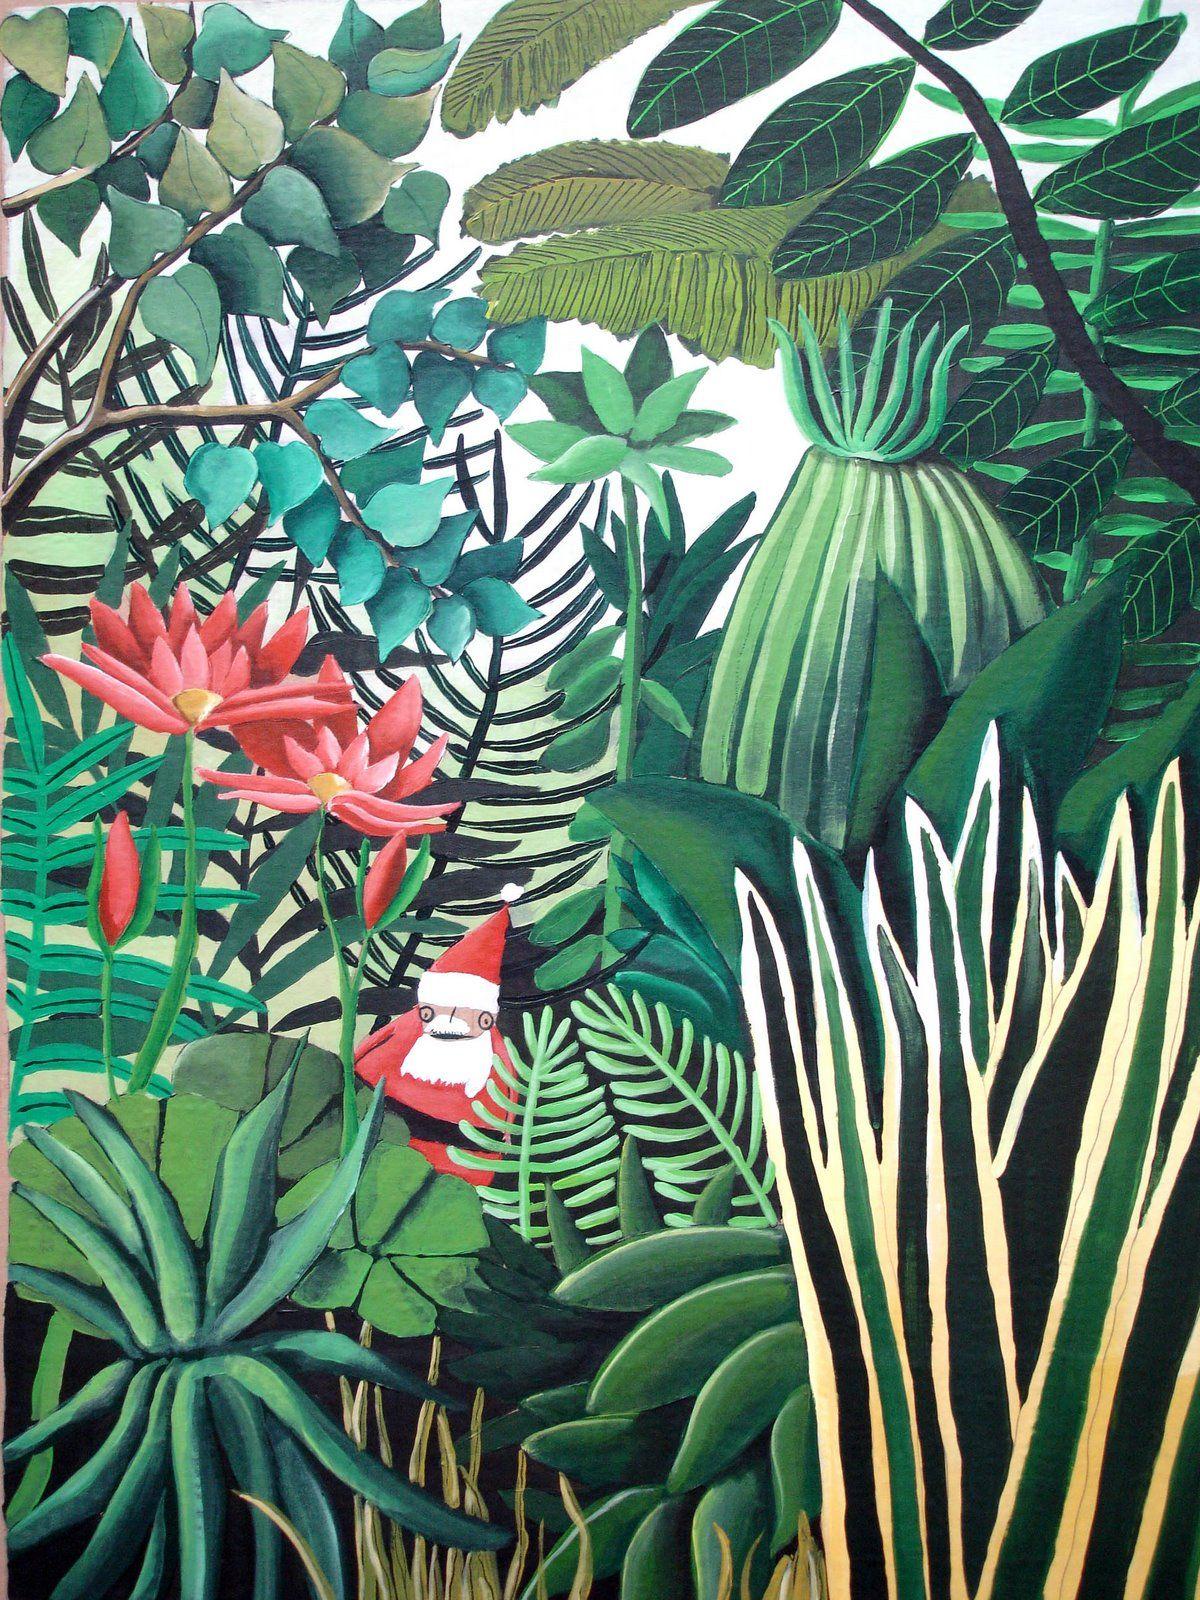 Douanier Rousseau Jpg 1200 1600 Henri Rousseau Art Tropical Peinture Historique